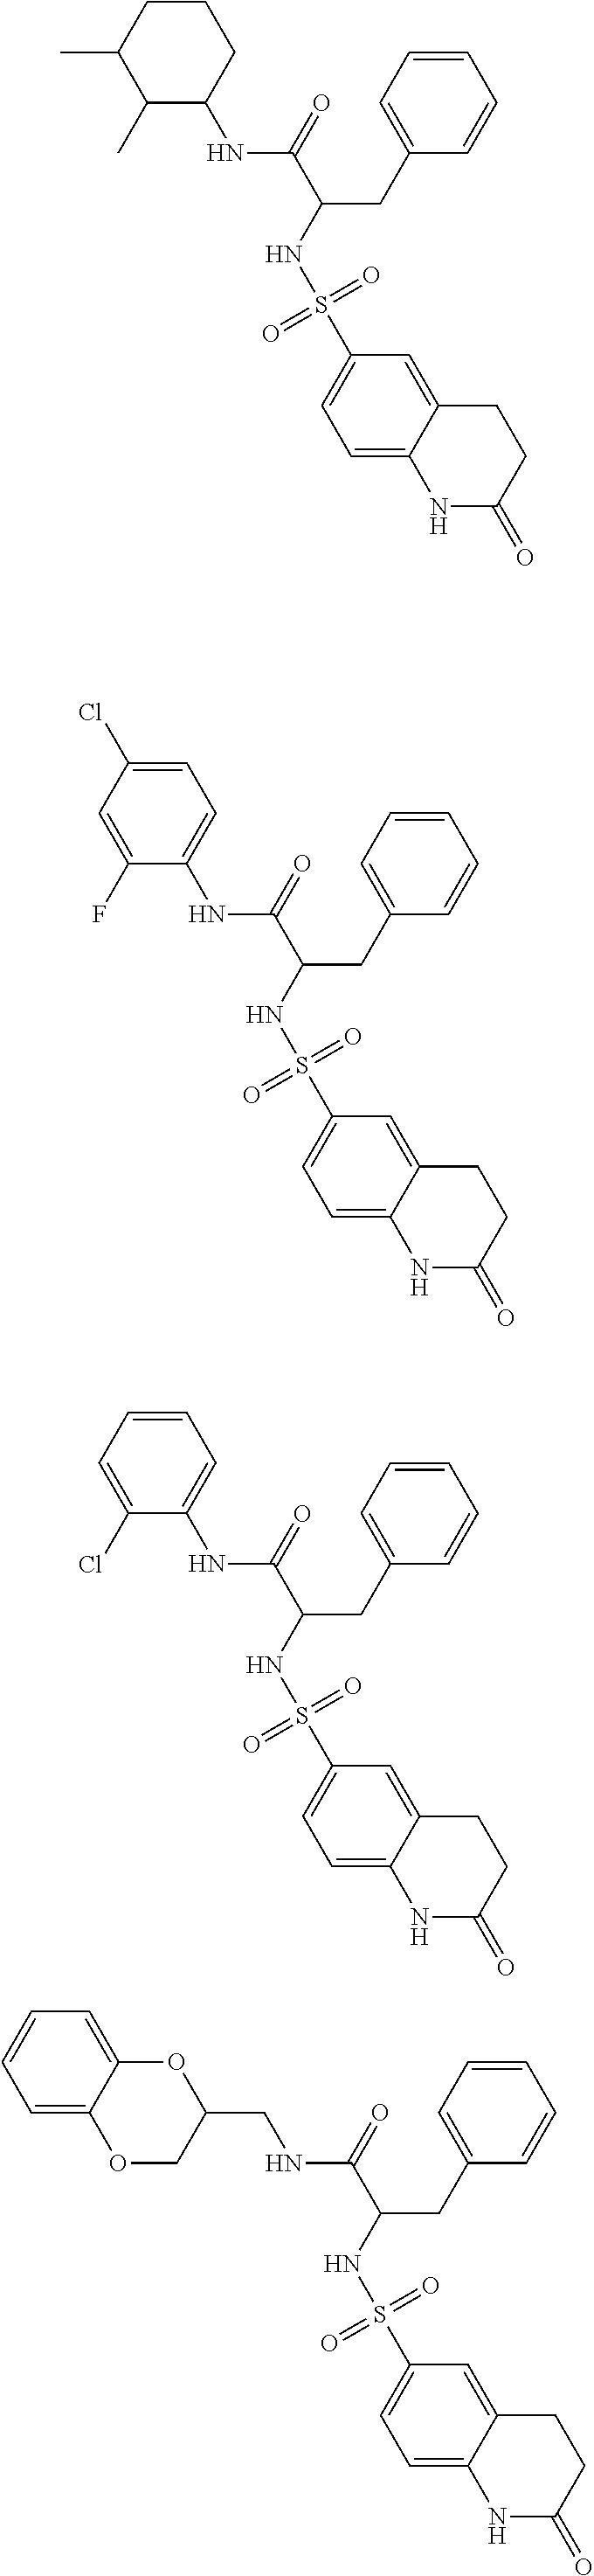 Figure US08957075-20150217-C00037